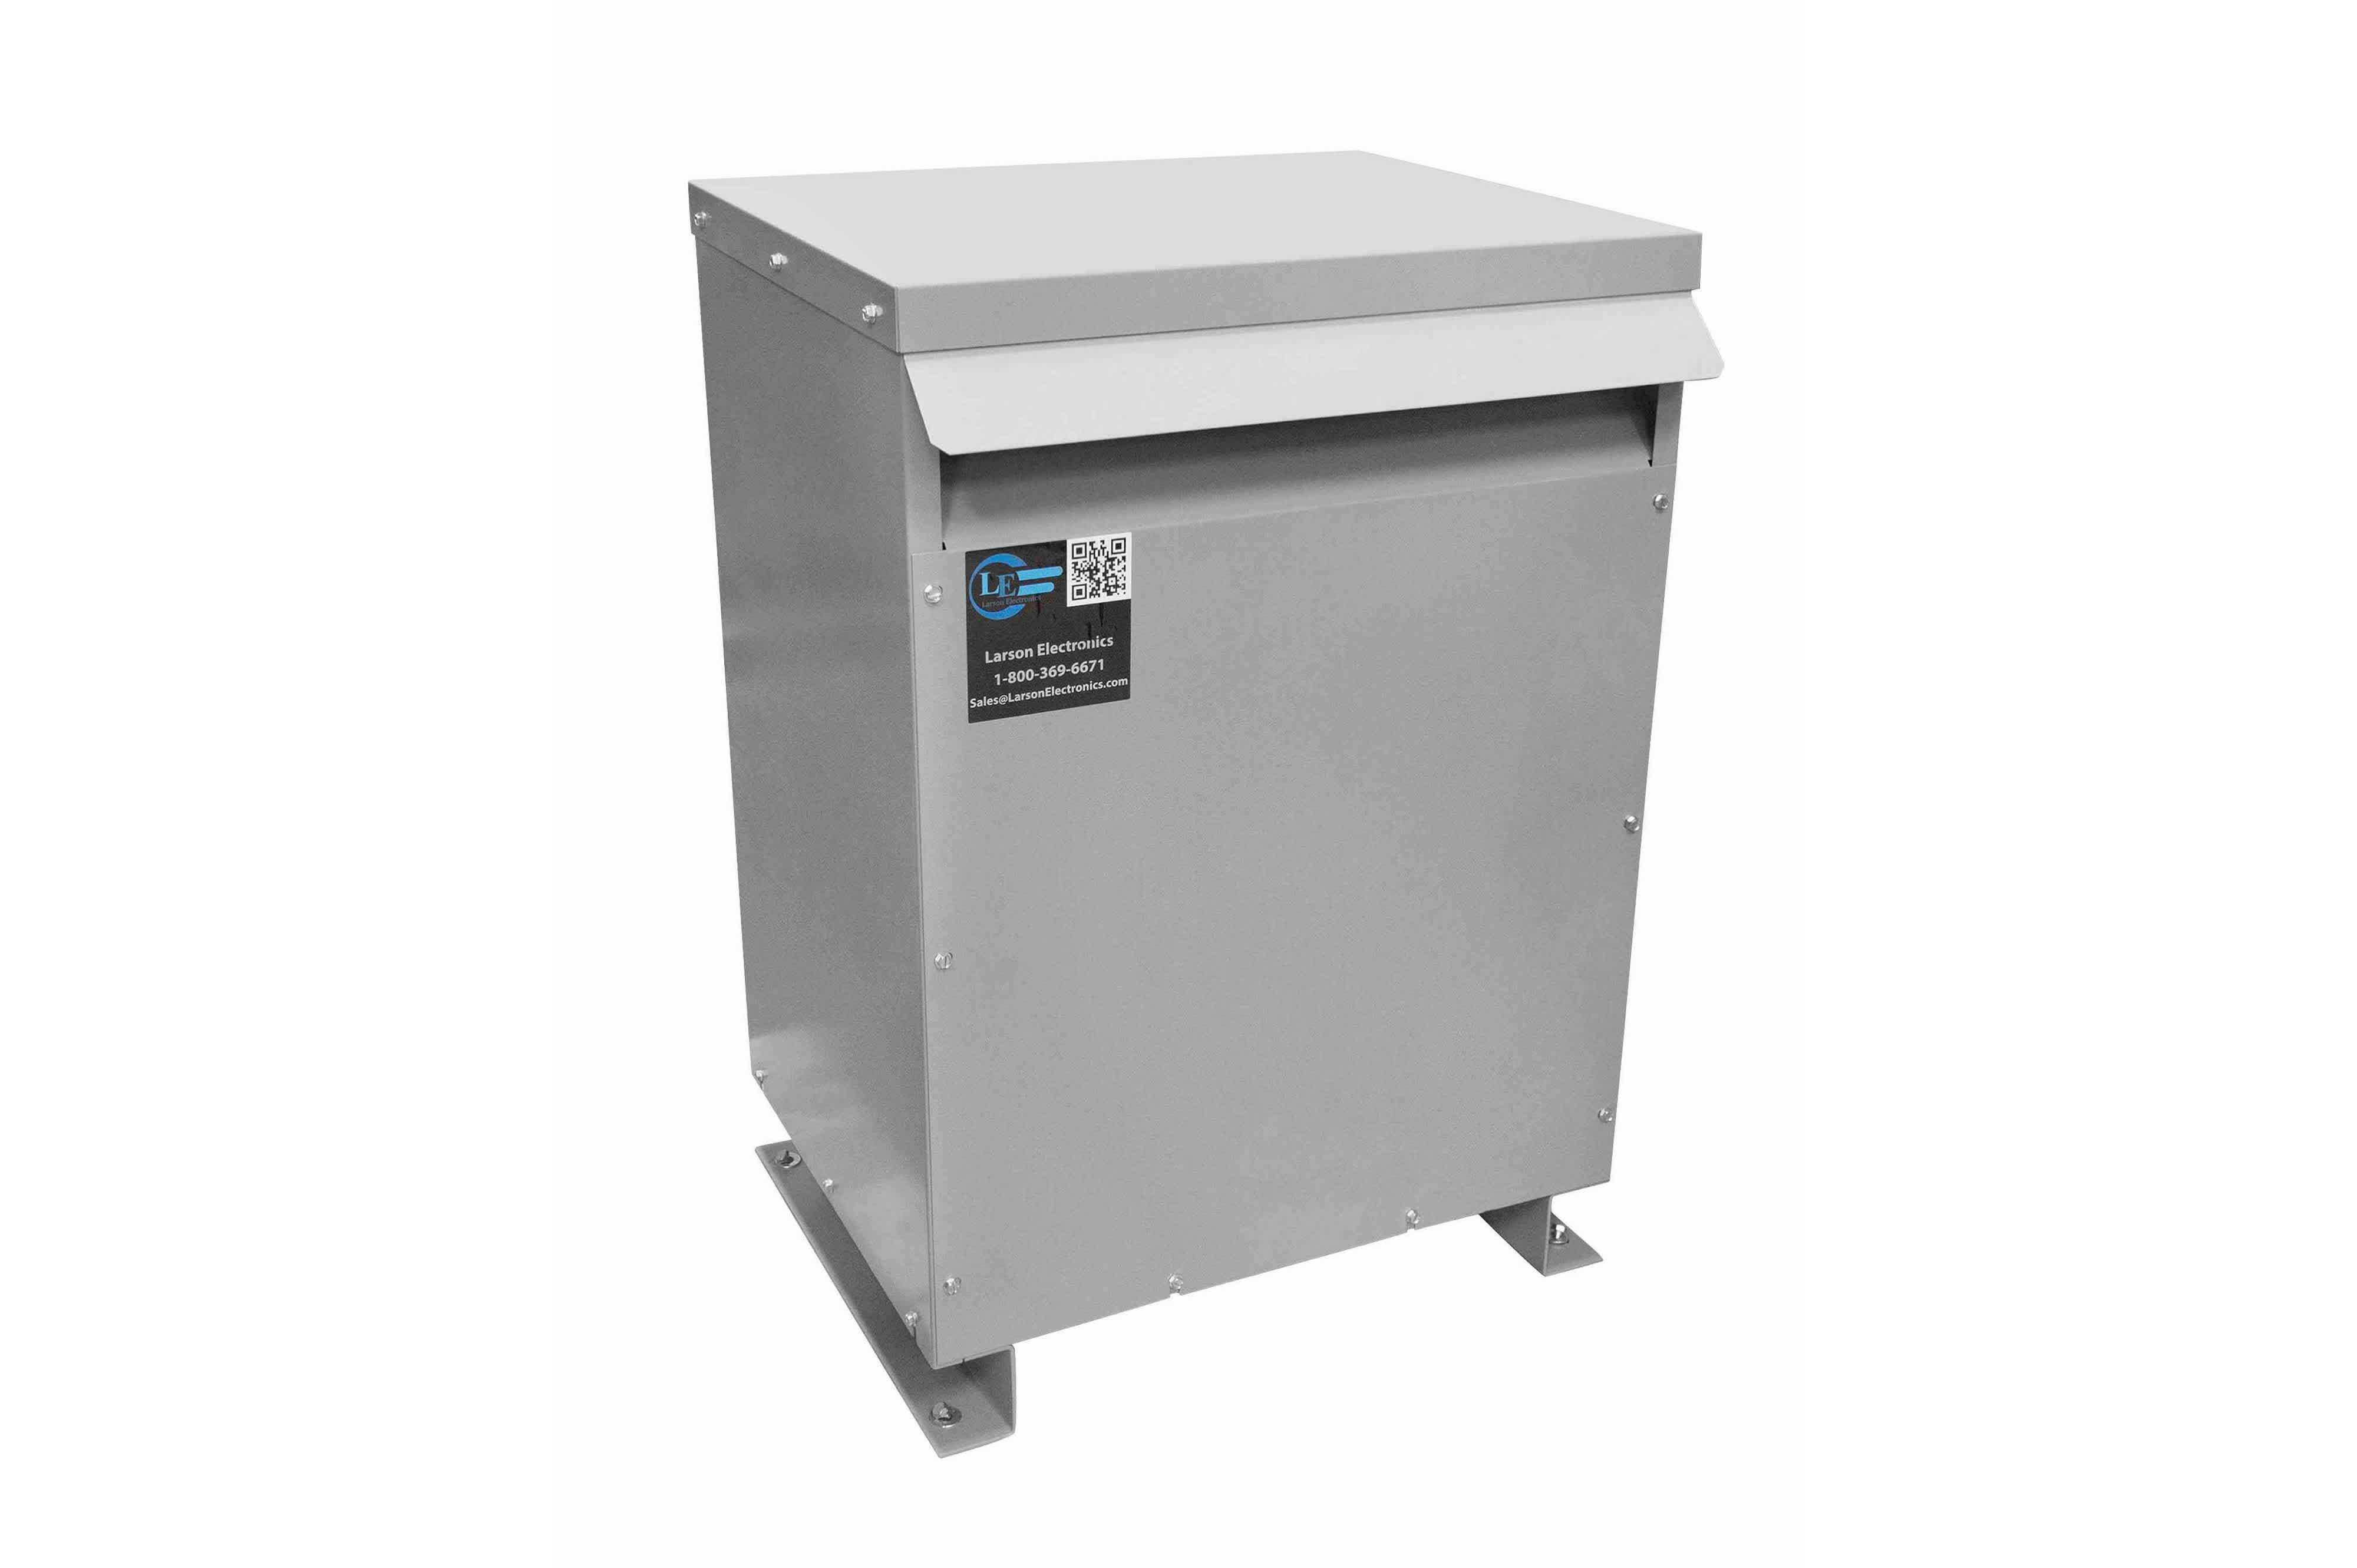 9 kVA 3PH DOE Transformer, 460V Delta Primary, 240V/120 Delta Secondary, N3R, Ventilated, 60 Hz